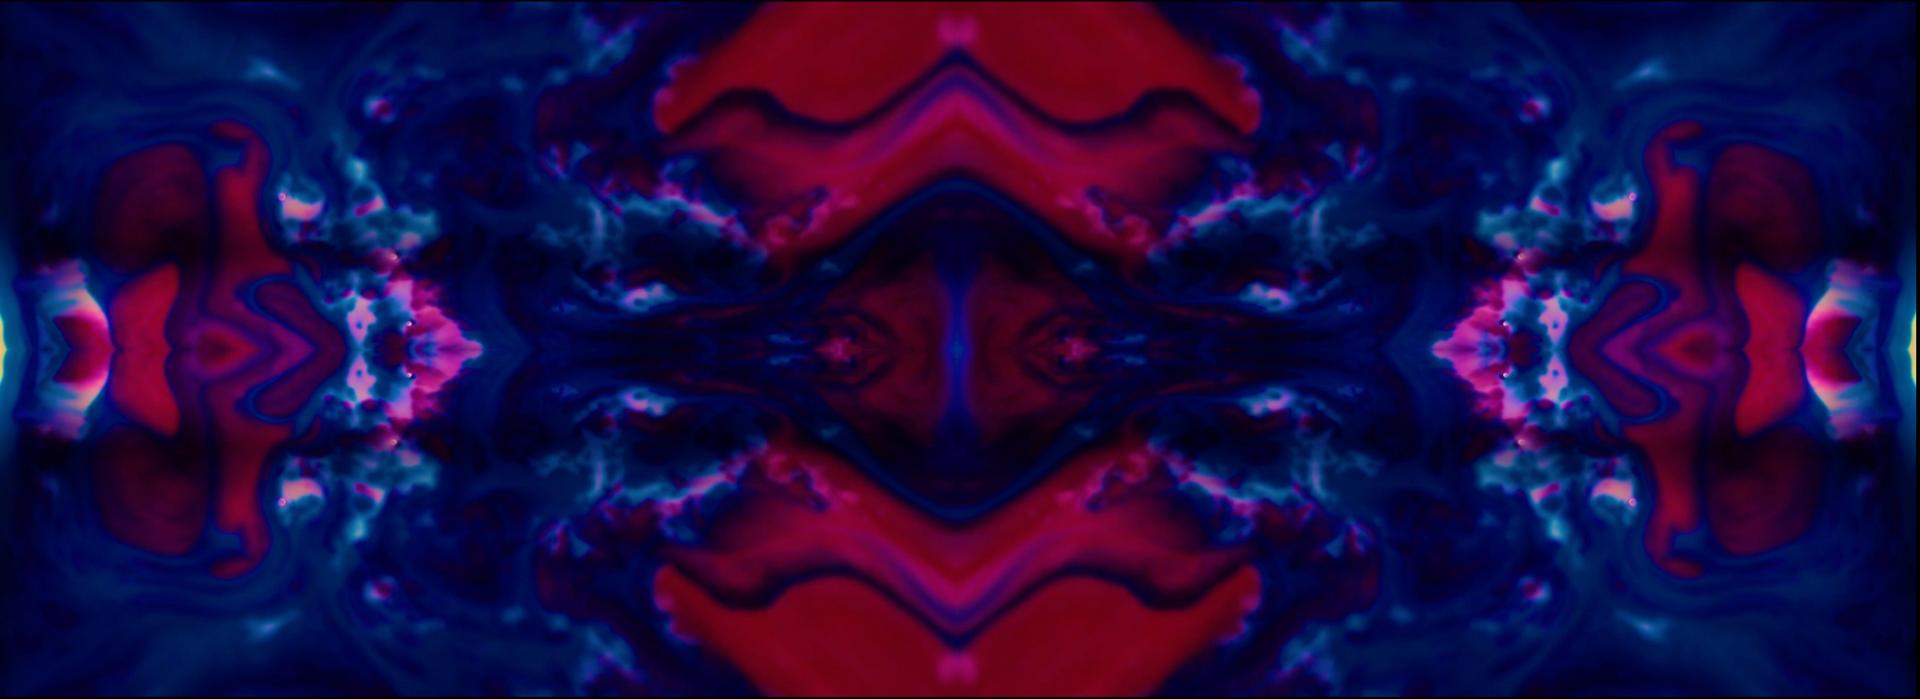 Screen Shot 2020-03-09 at 5.41.49 PM.png